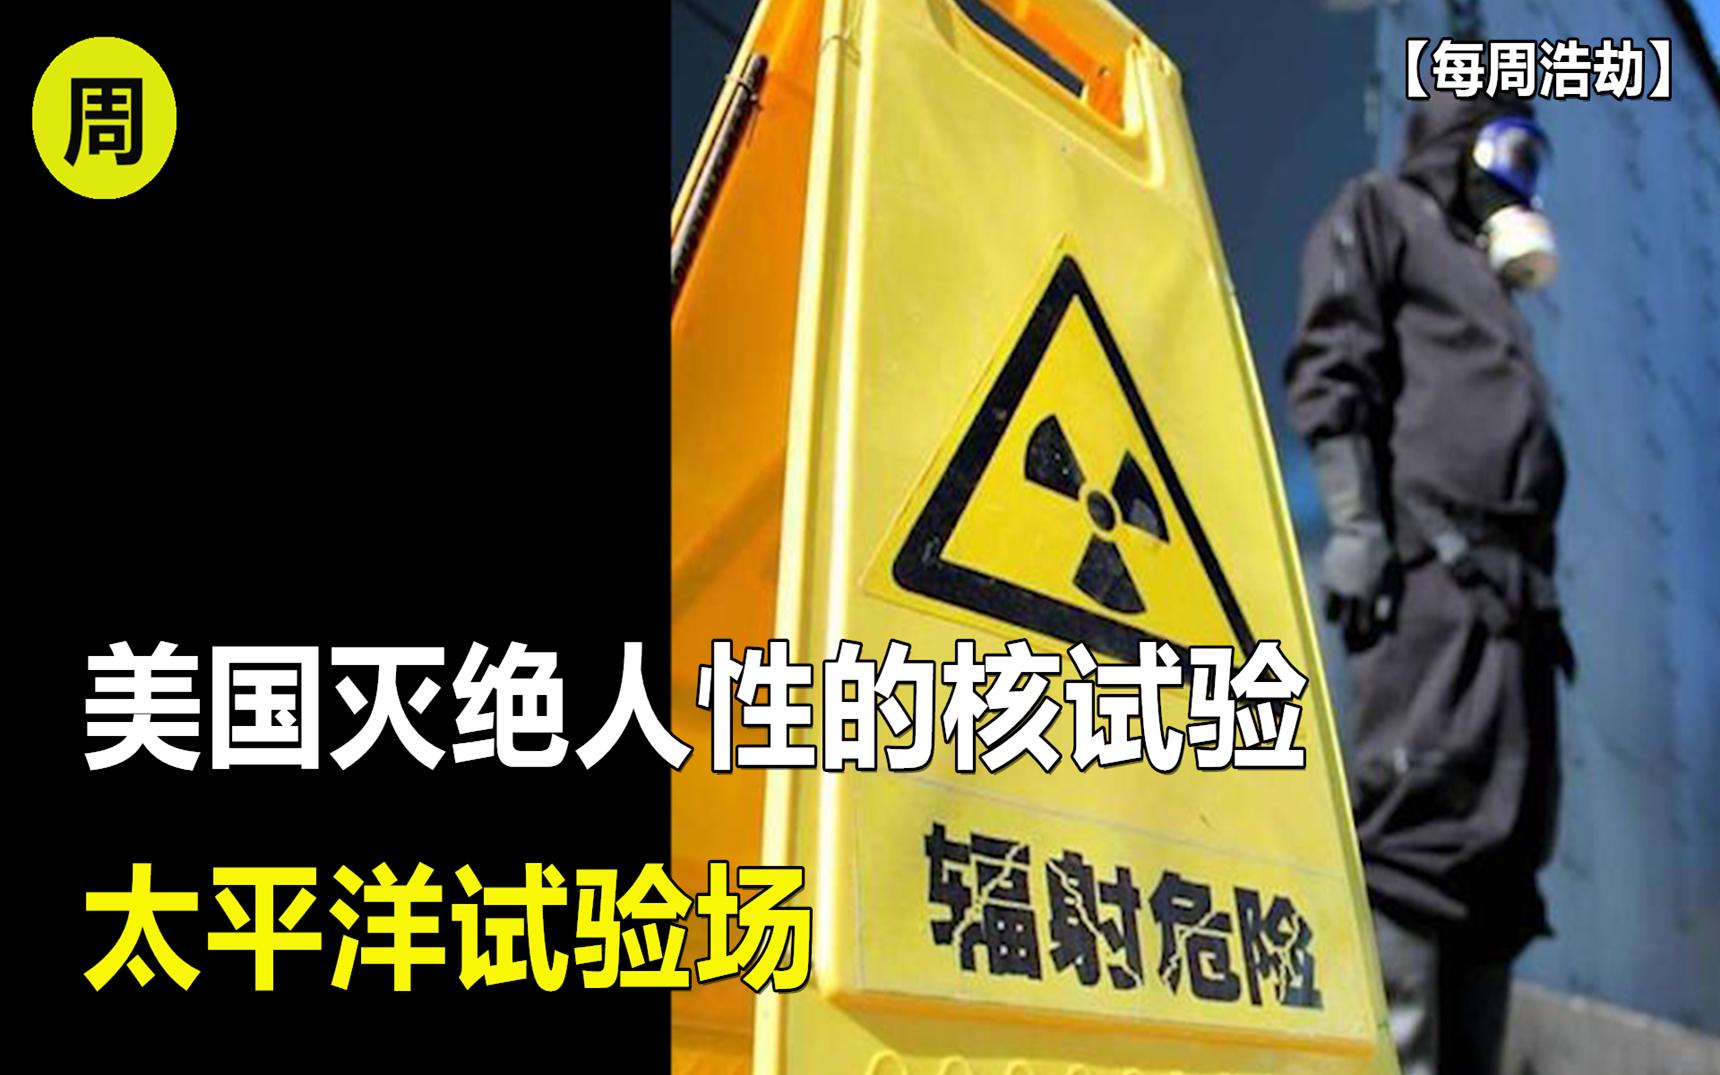 为什么美国会纵容日本倾倒核废水?太平洋小岛上的居民告诉你原因